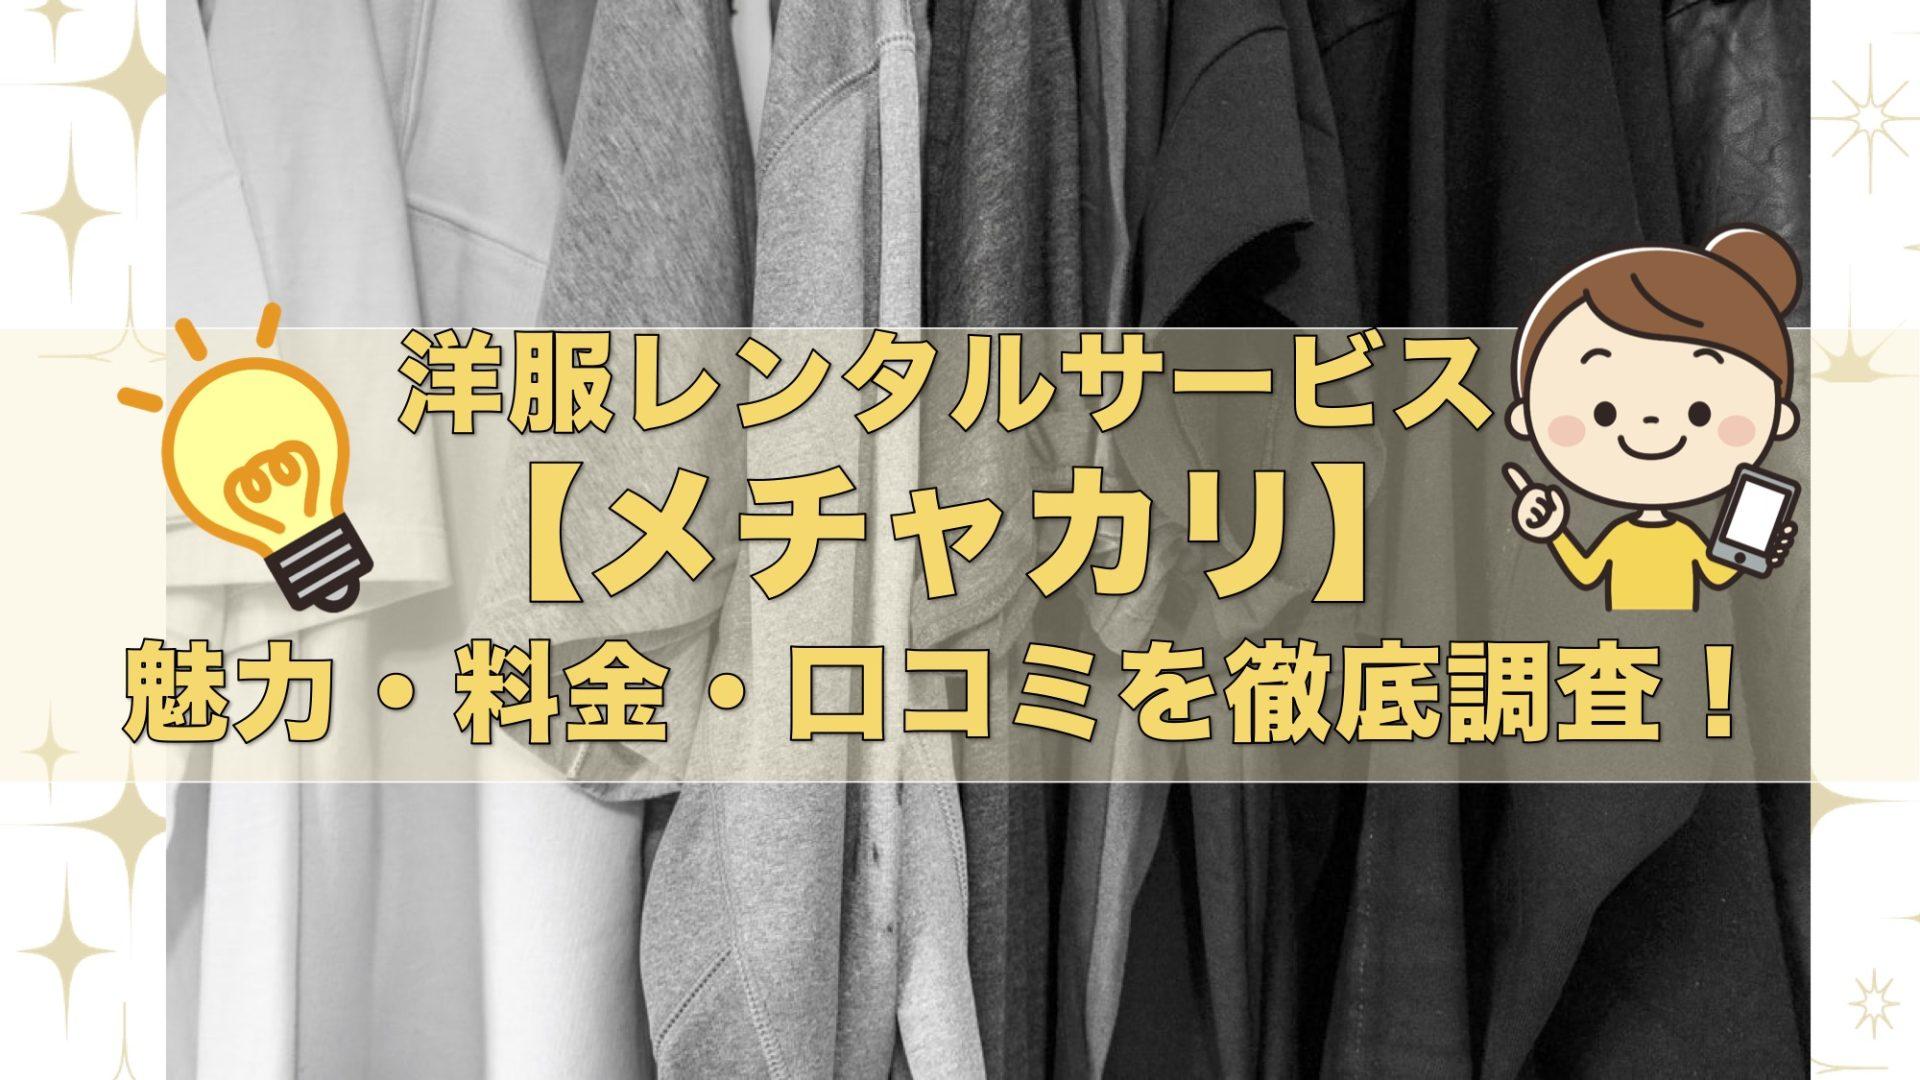 洋服レンタルサービス【メチャカリ】魅力・料金・口コミを徹底調査! アイキャッチ画像